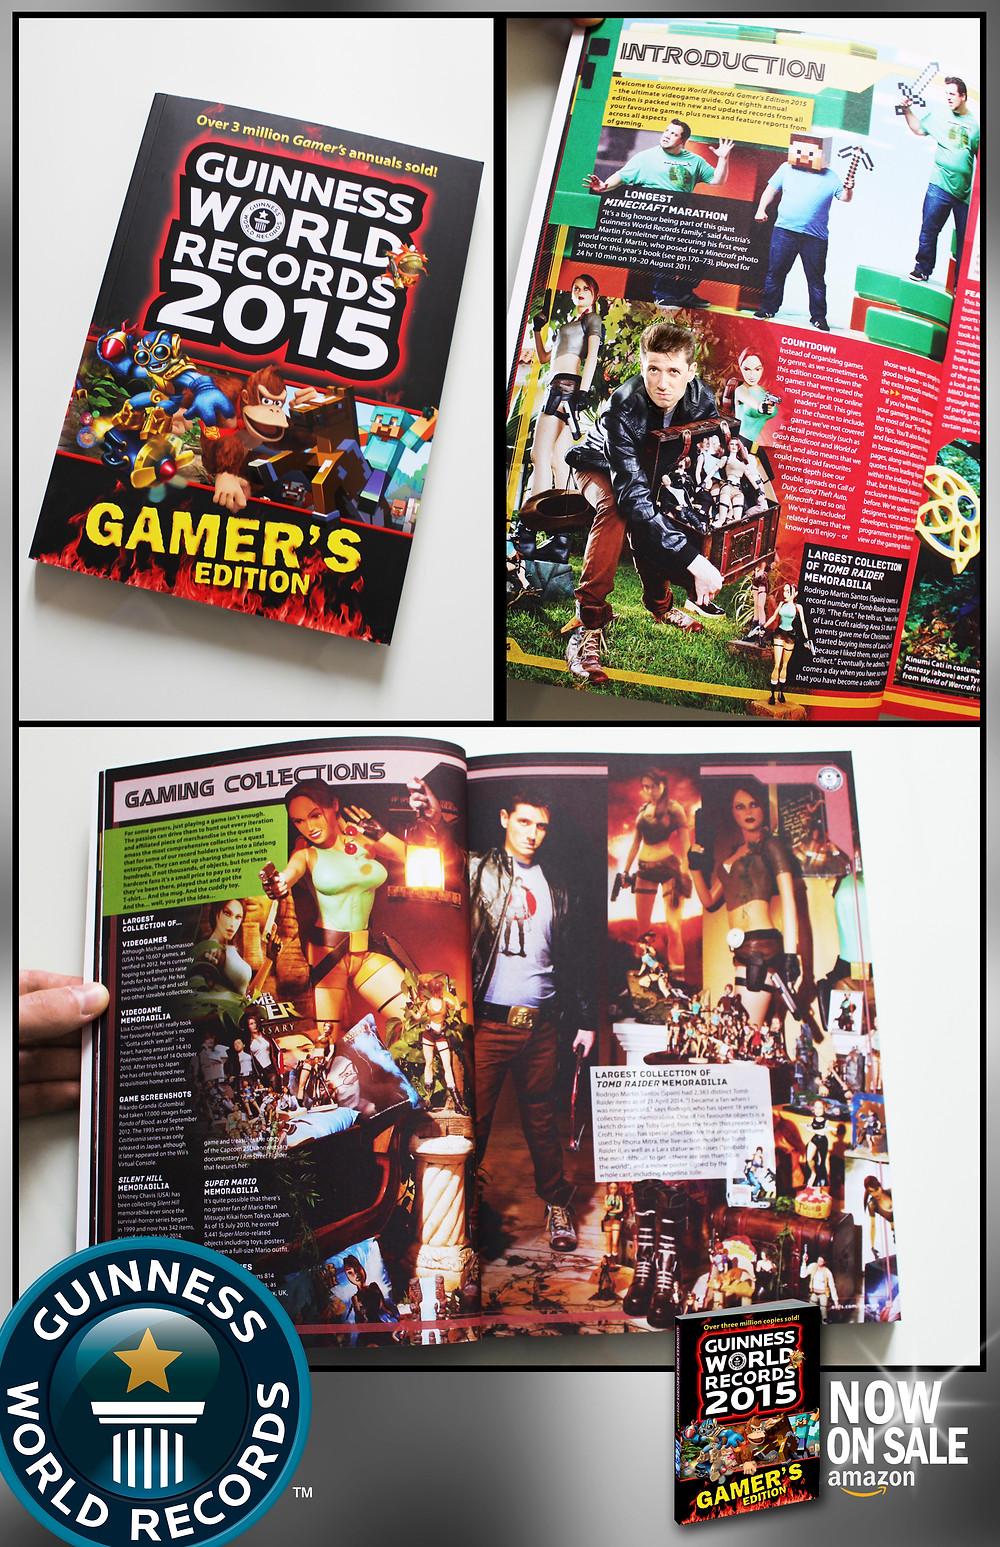 libro_Guinness.jpg